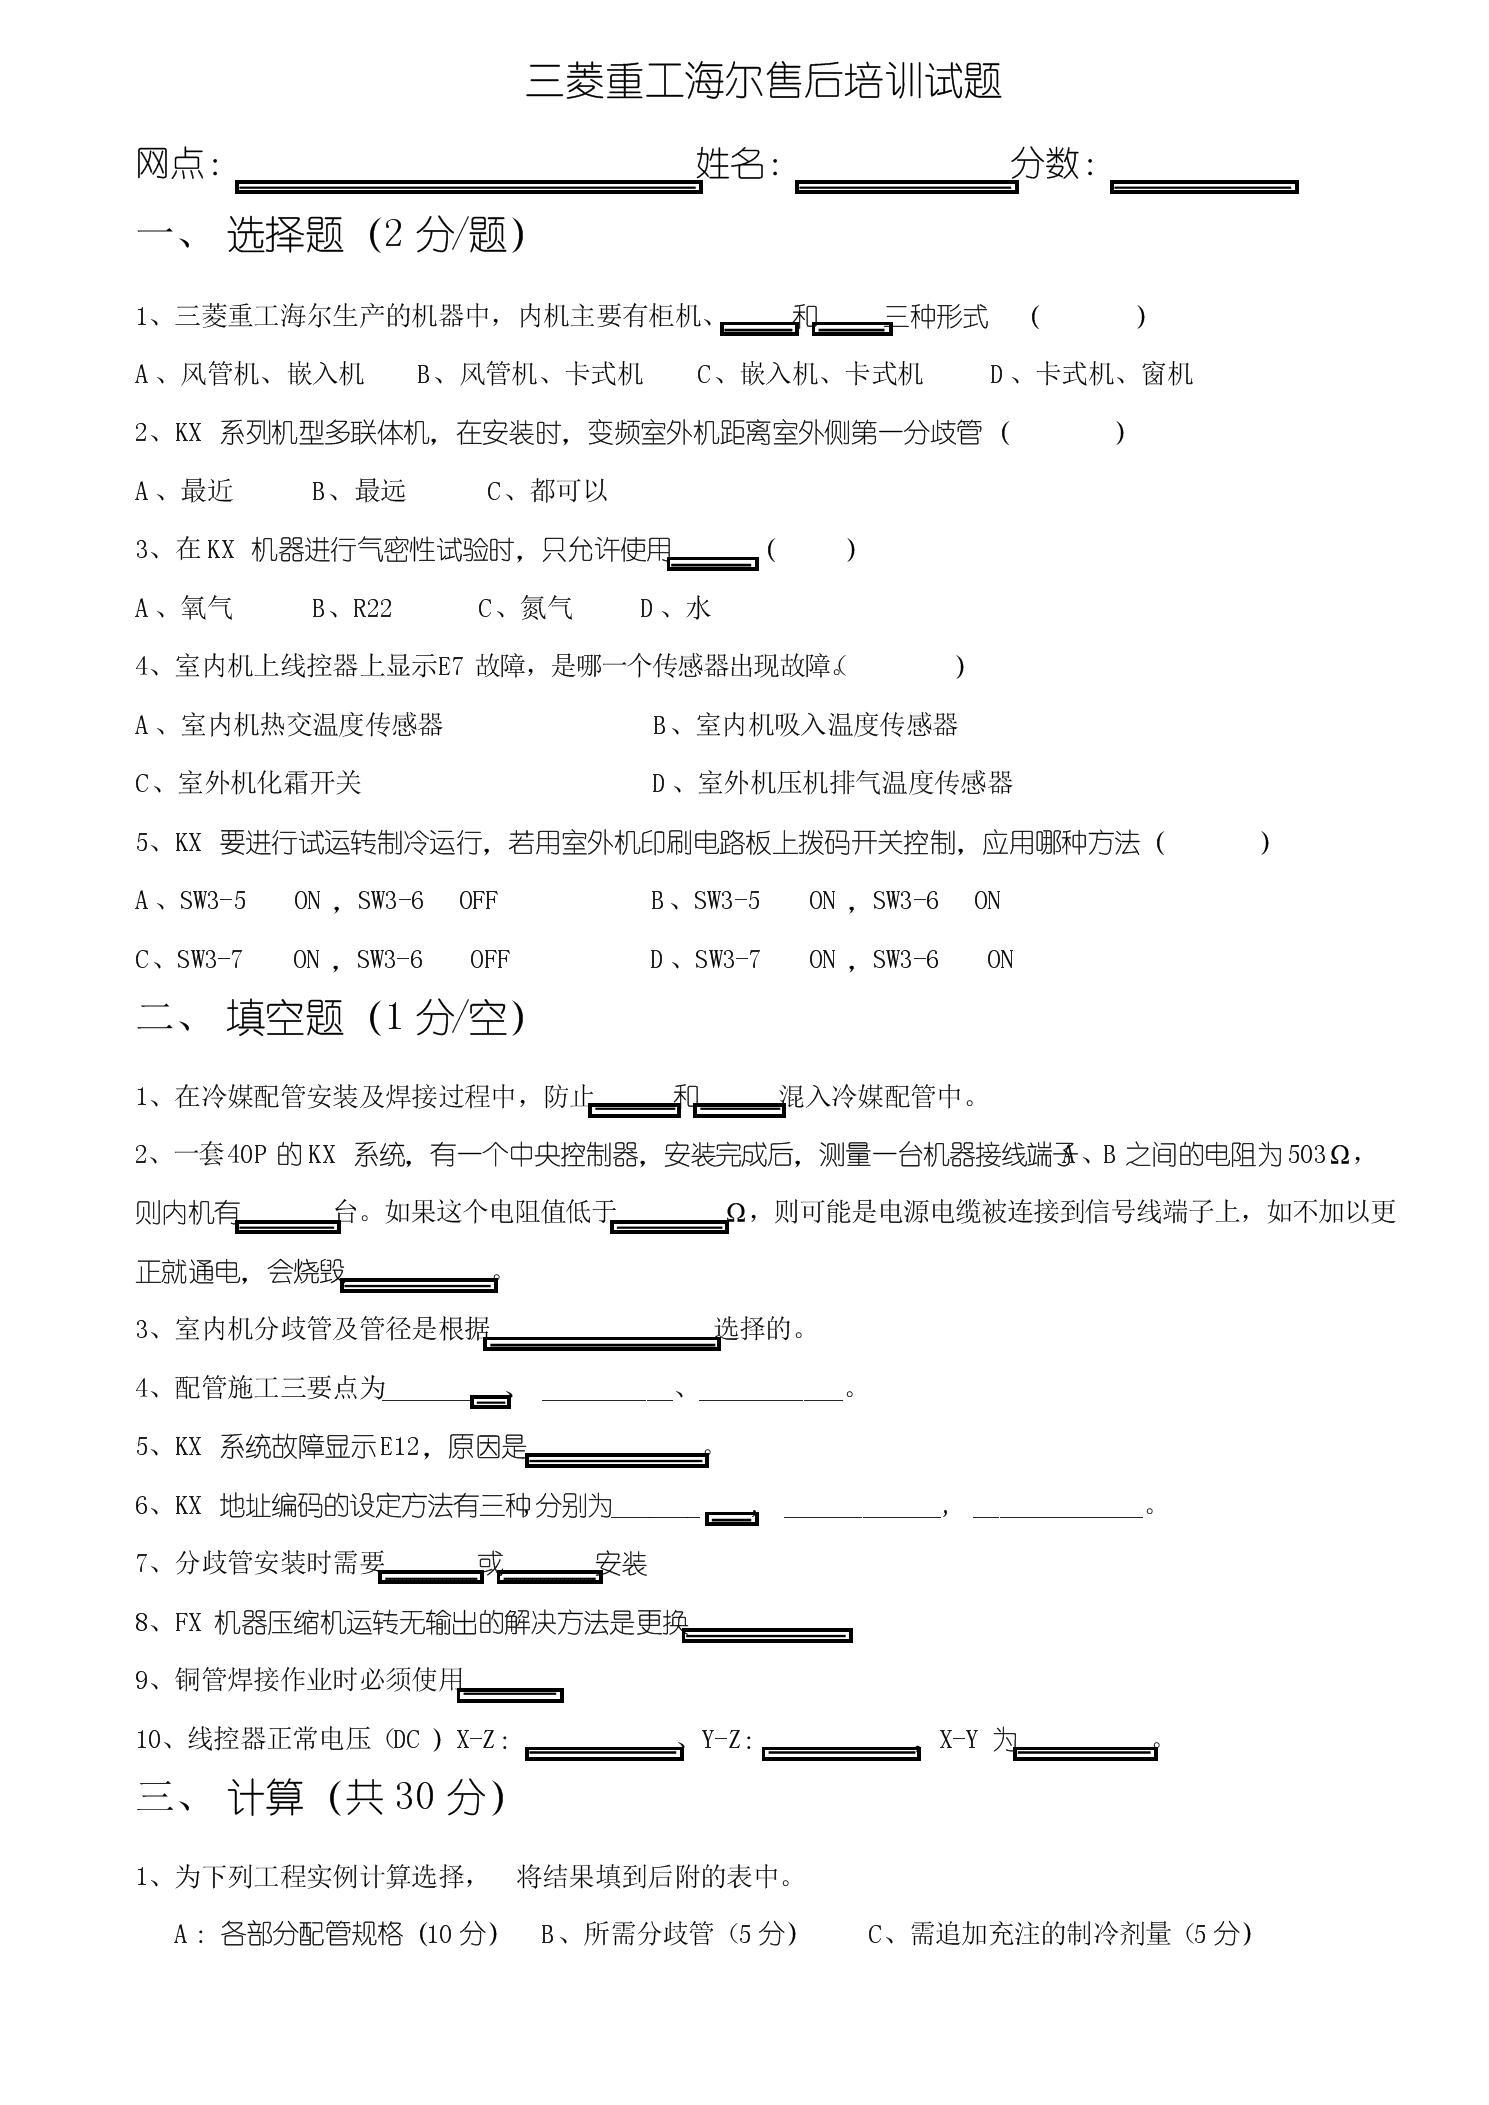 三菱重工海爾售后培訓試題(0605).docx